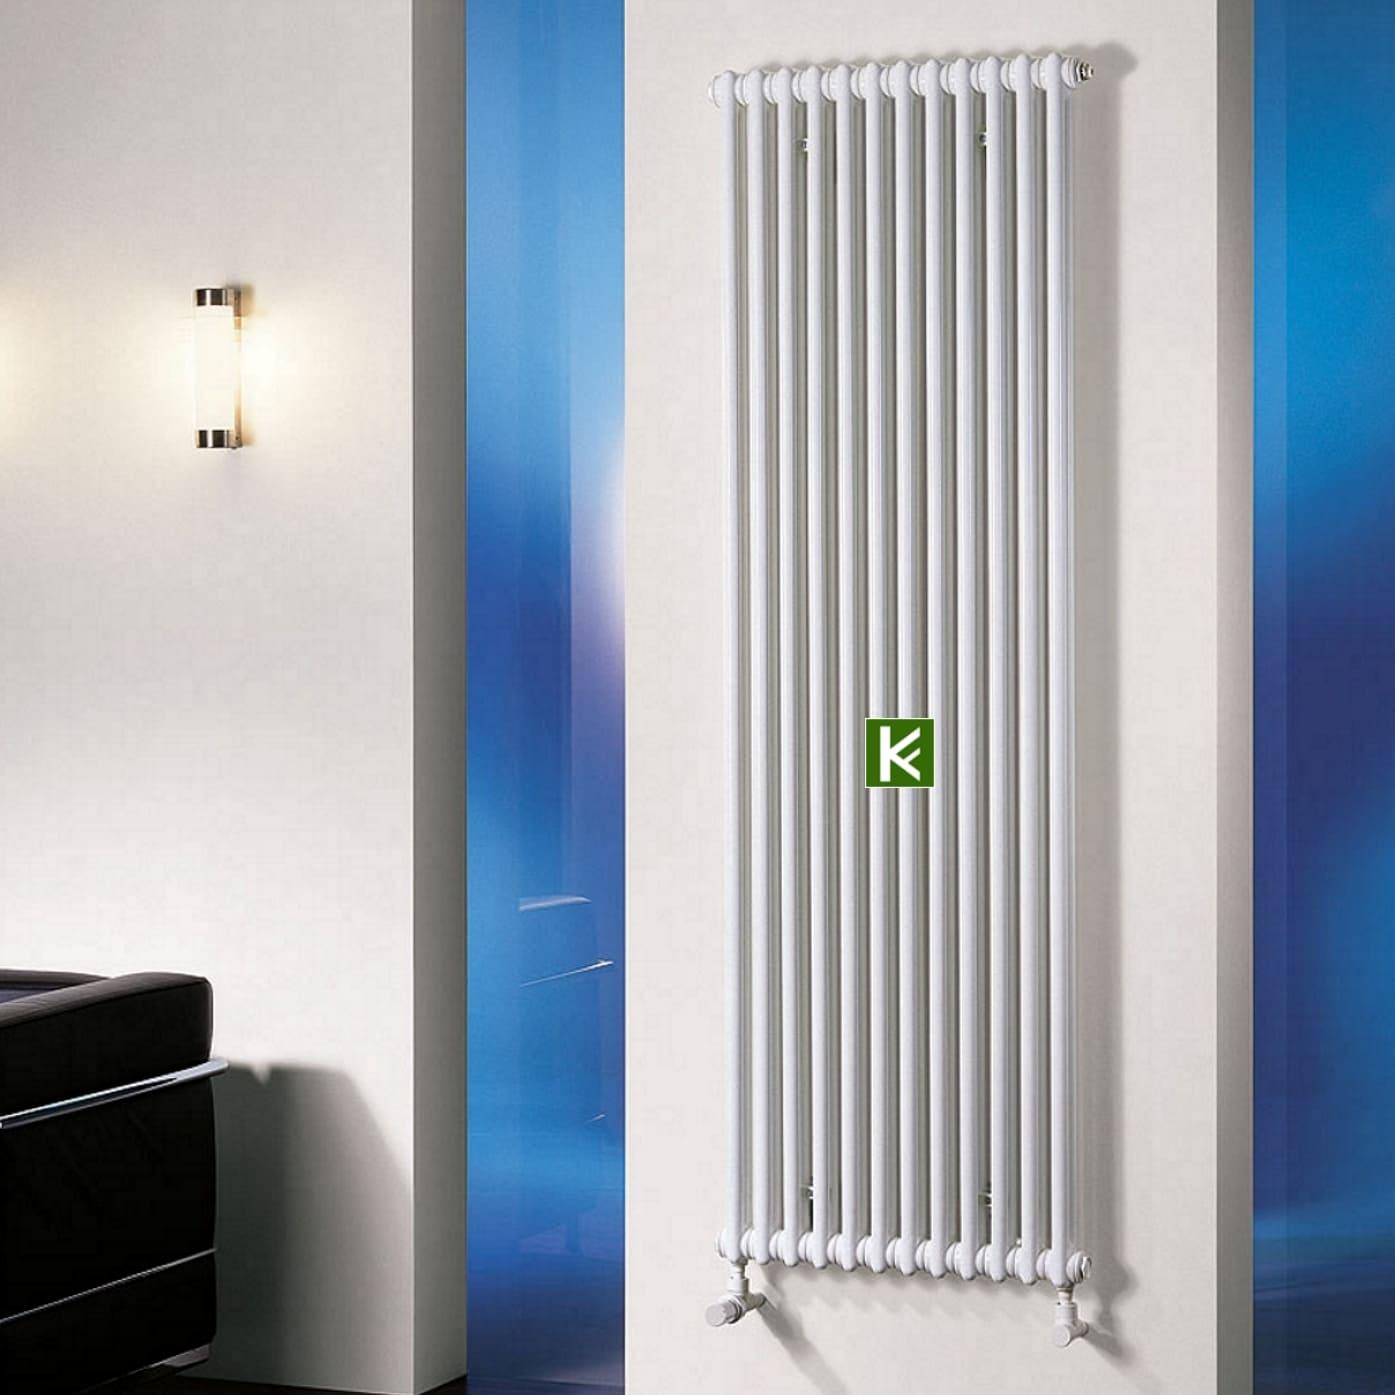 трубчатые радиаторы Zehnder Charleston 2180 - радиатор отопления Зендер с нижним подключением